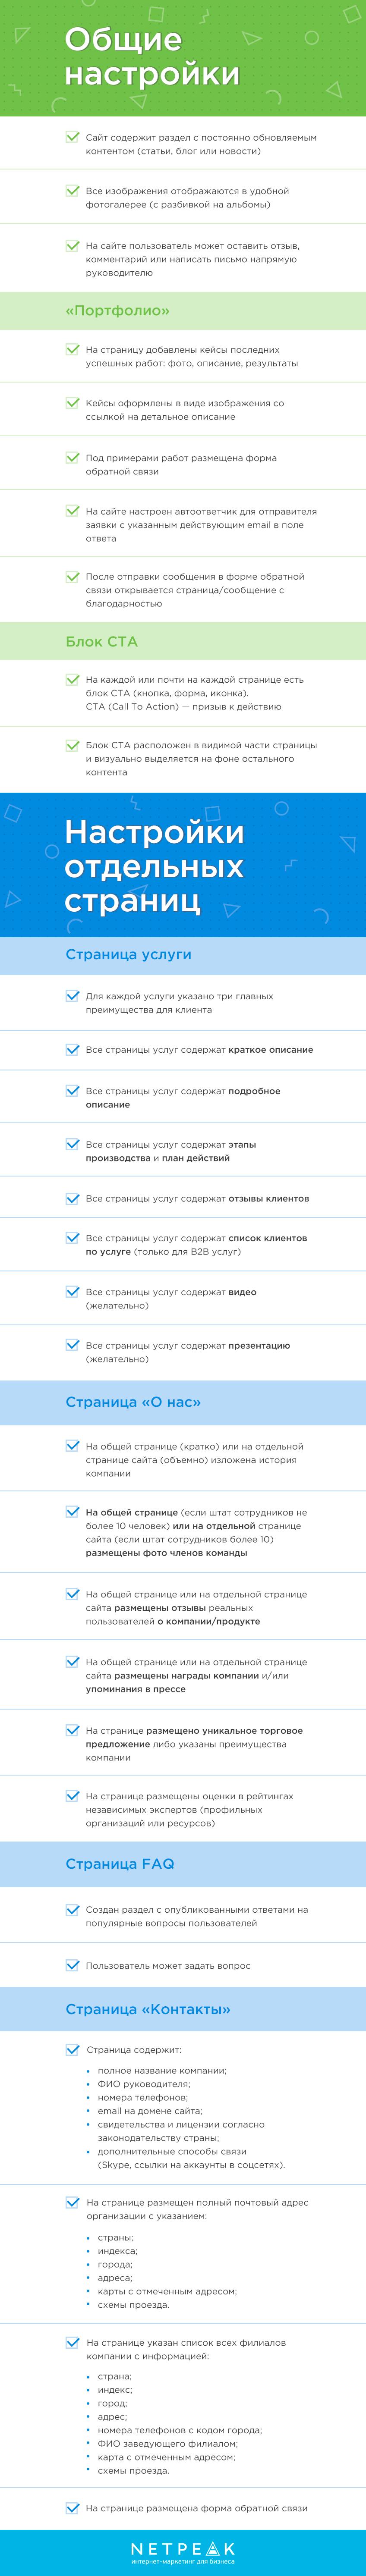 Чек-лист для SEO-специалистов по UX дизайну